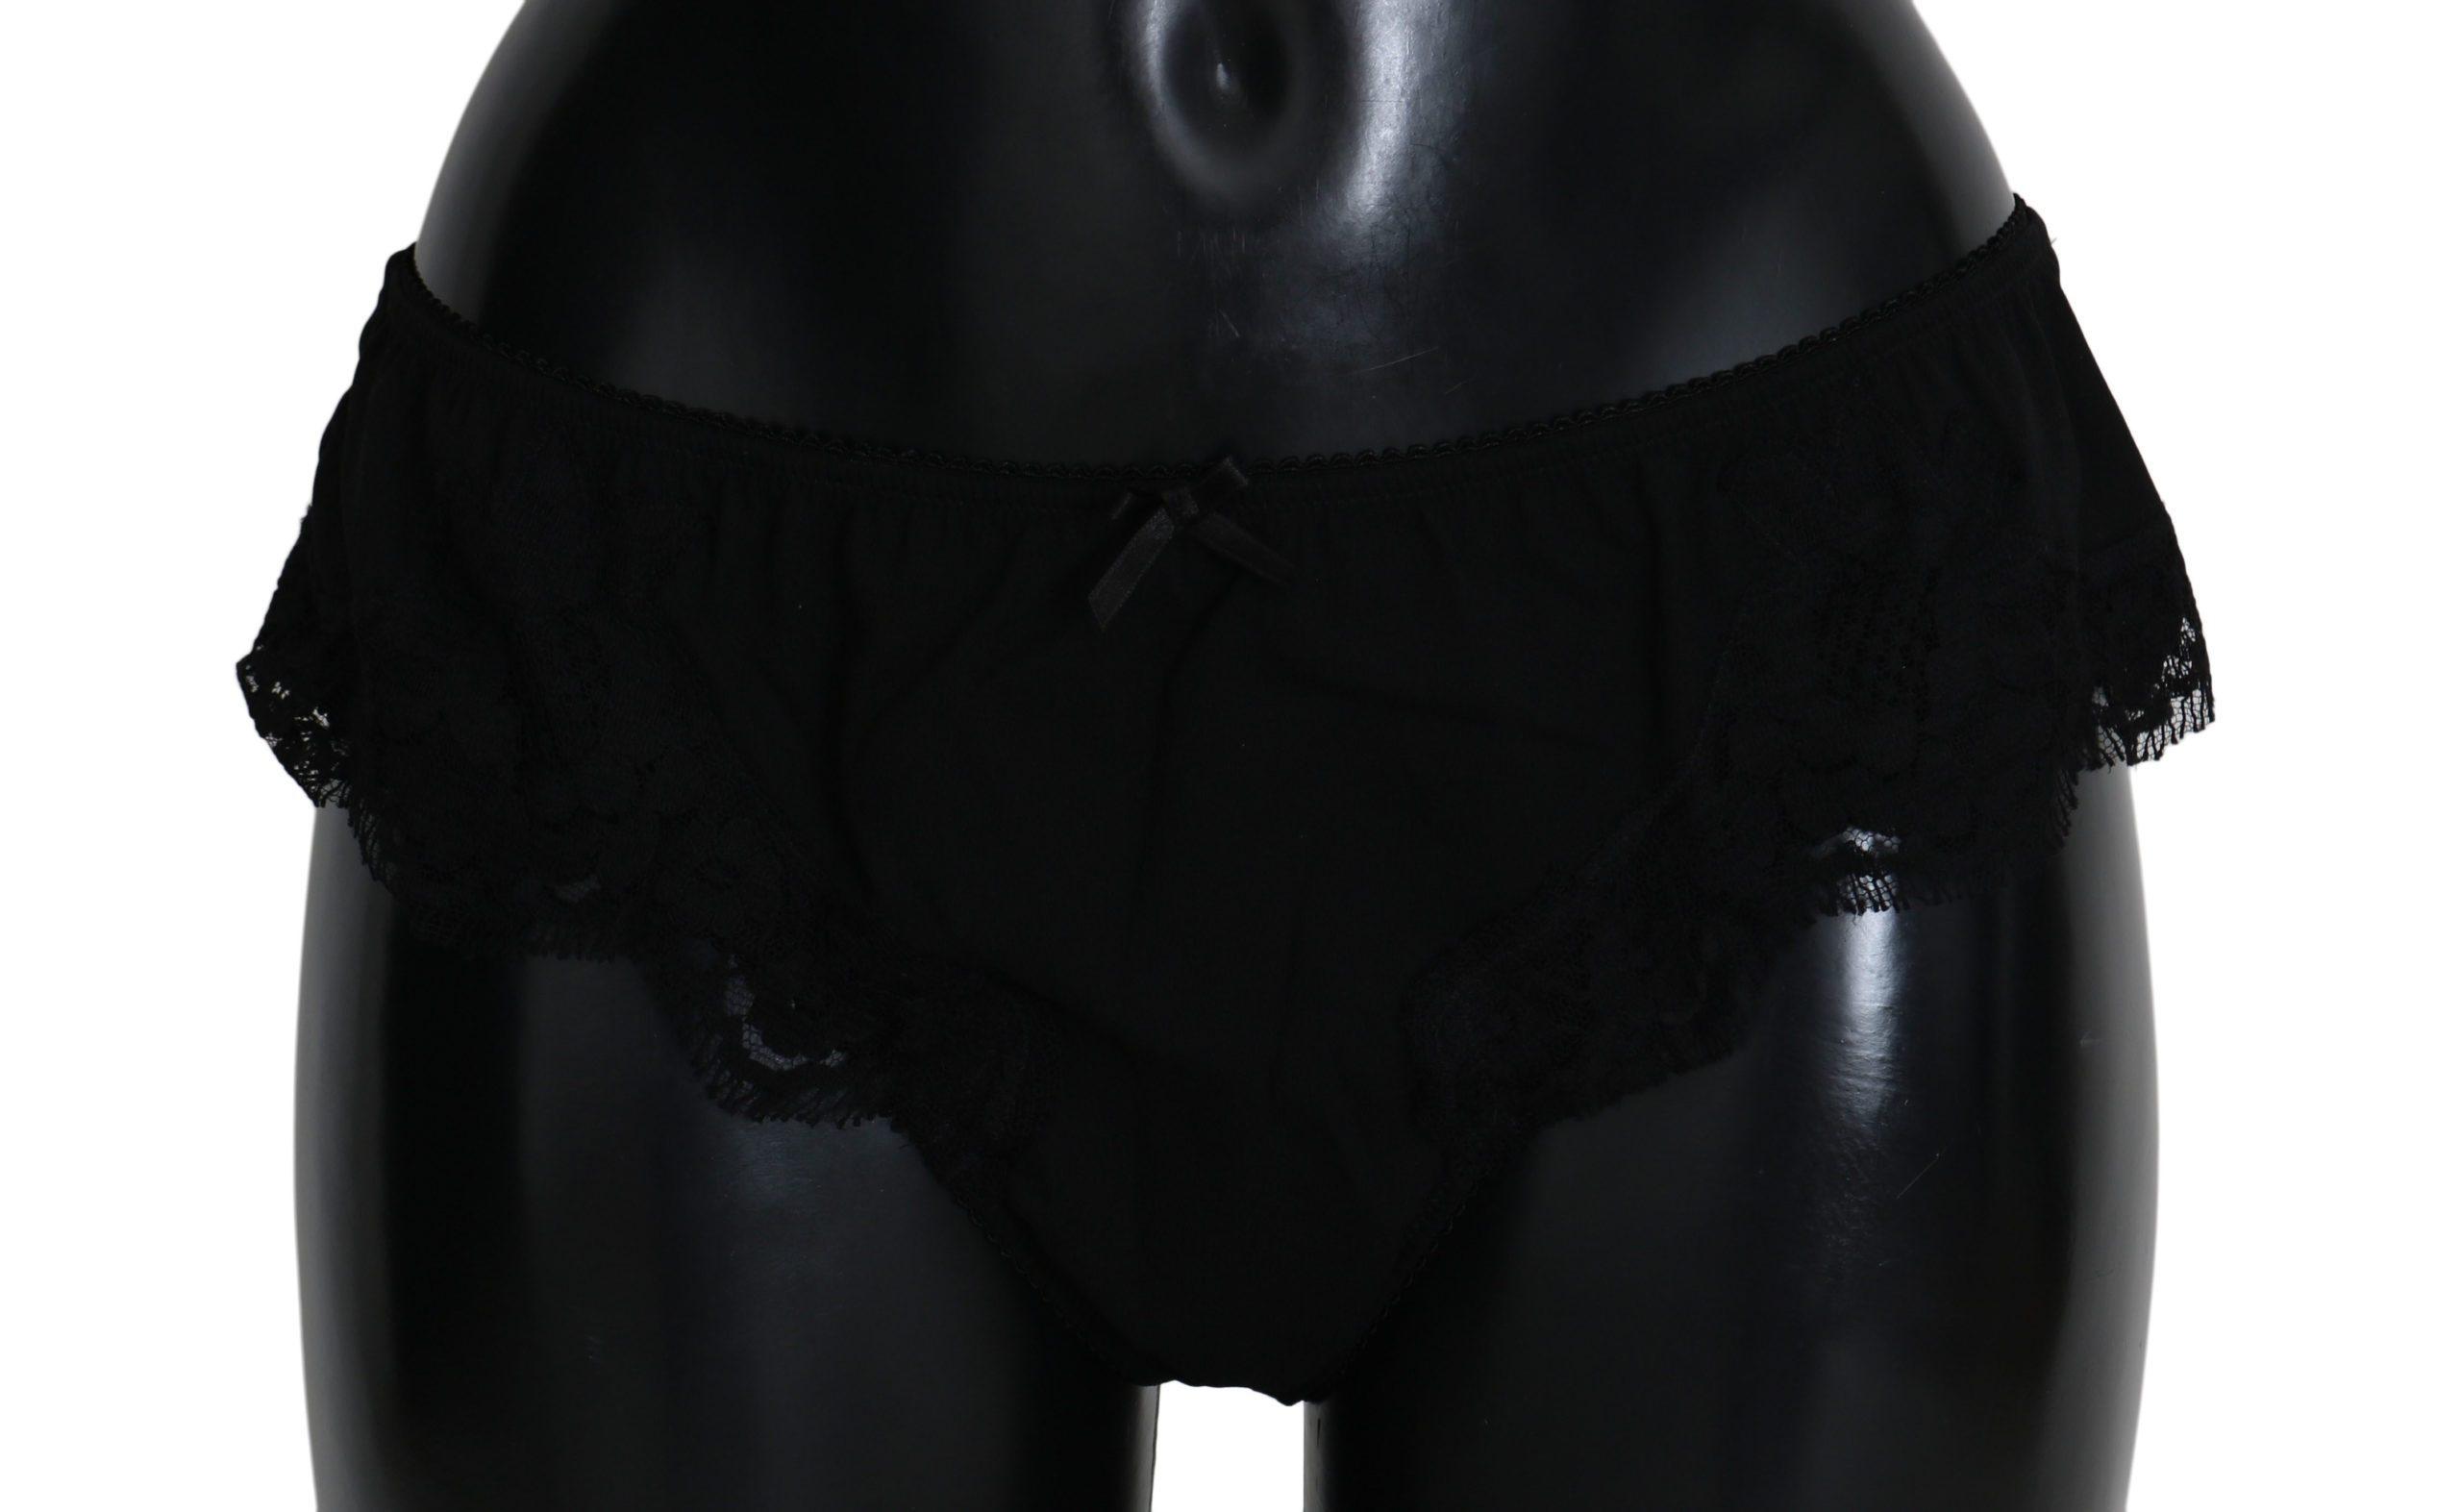 Dolce & Gabbana Women's Underwear Black BIK270 - IT4 | L